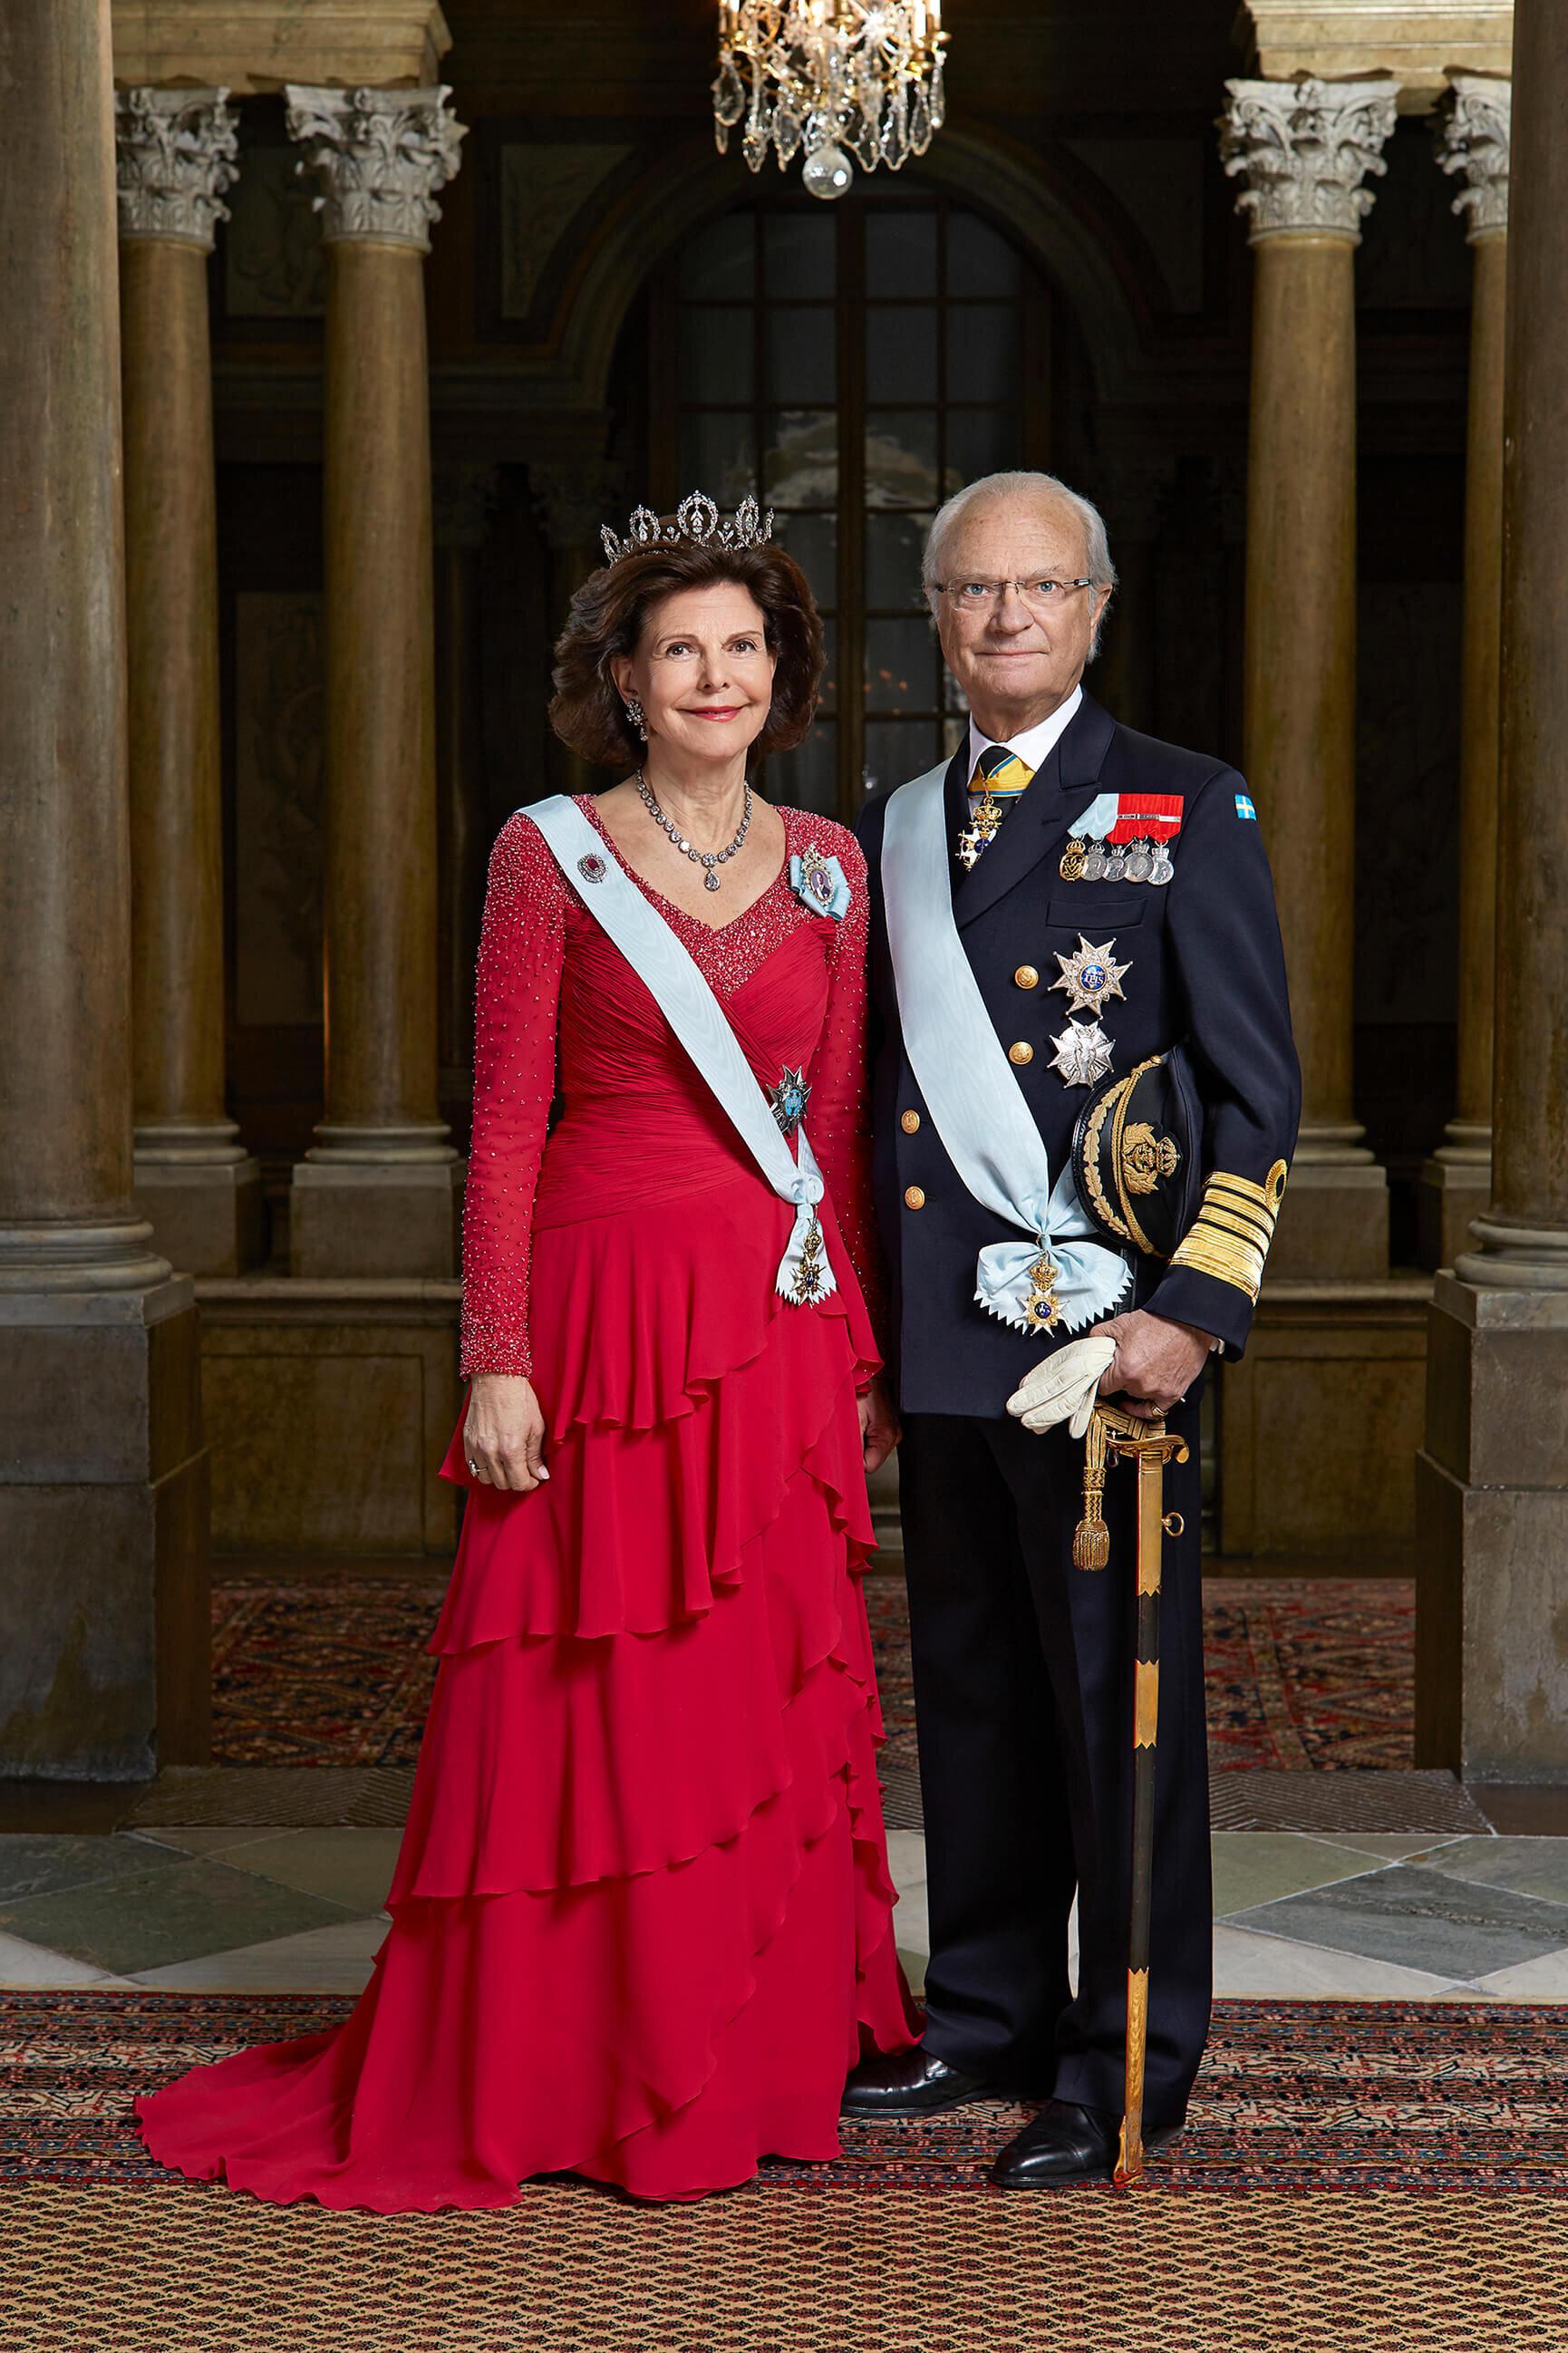 Aus Vorsicht mussten Königin Silvia und König Carl Gustaf das Repräsentationsdinner verschieben. Zu groß ist die Sorge vor dem Coronavirus. © Peter Knutson, Kungahuset.se